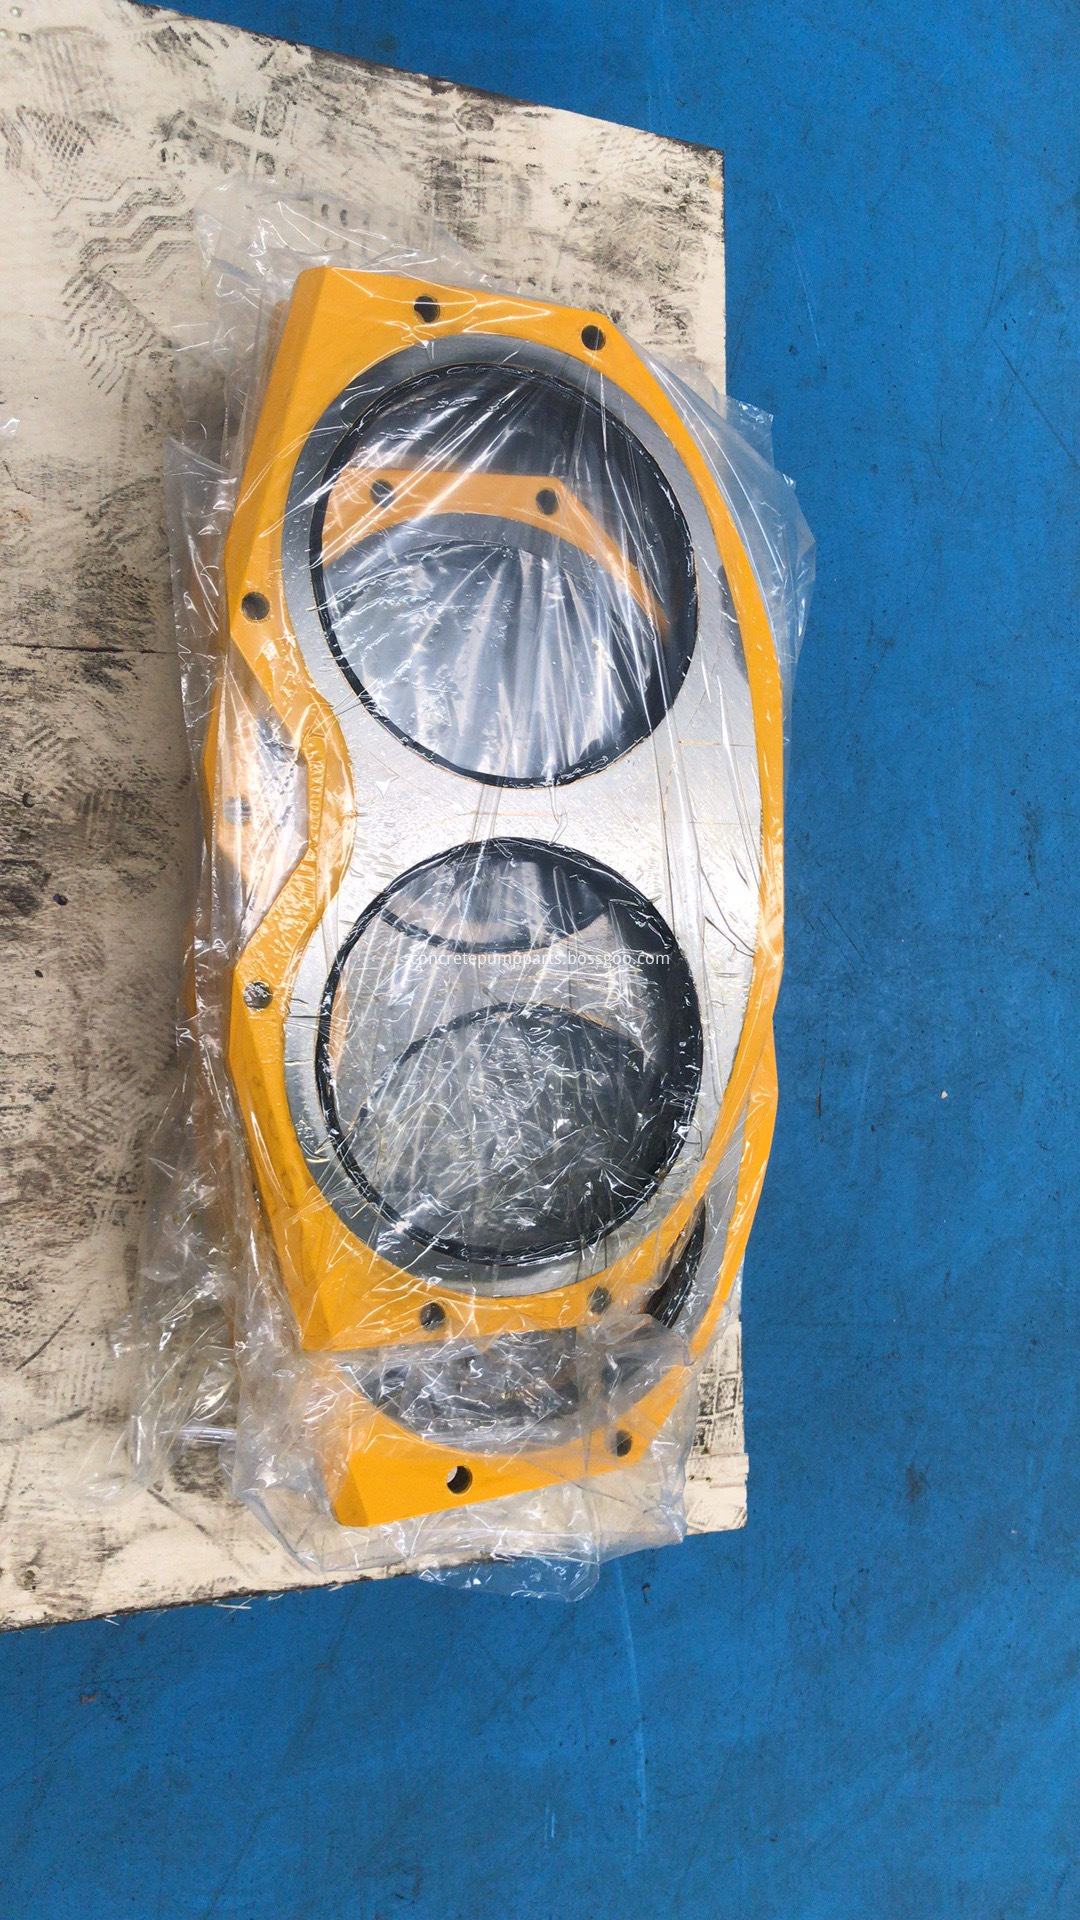 Pm Concrete Pump Wear Plate